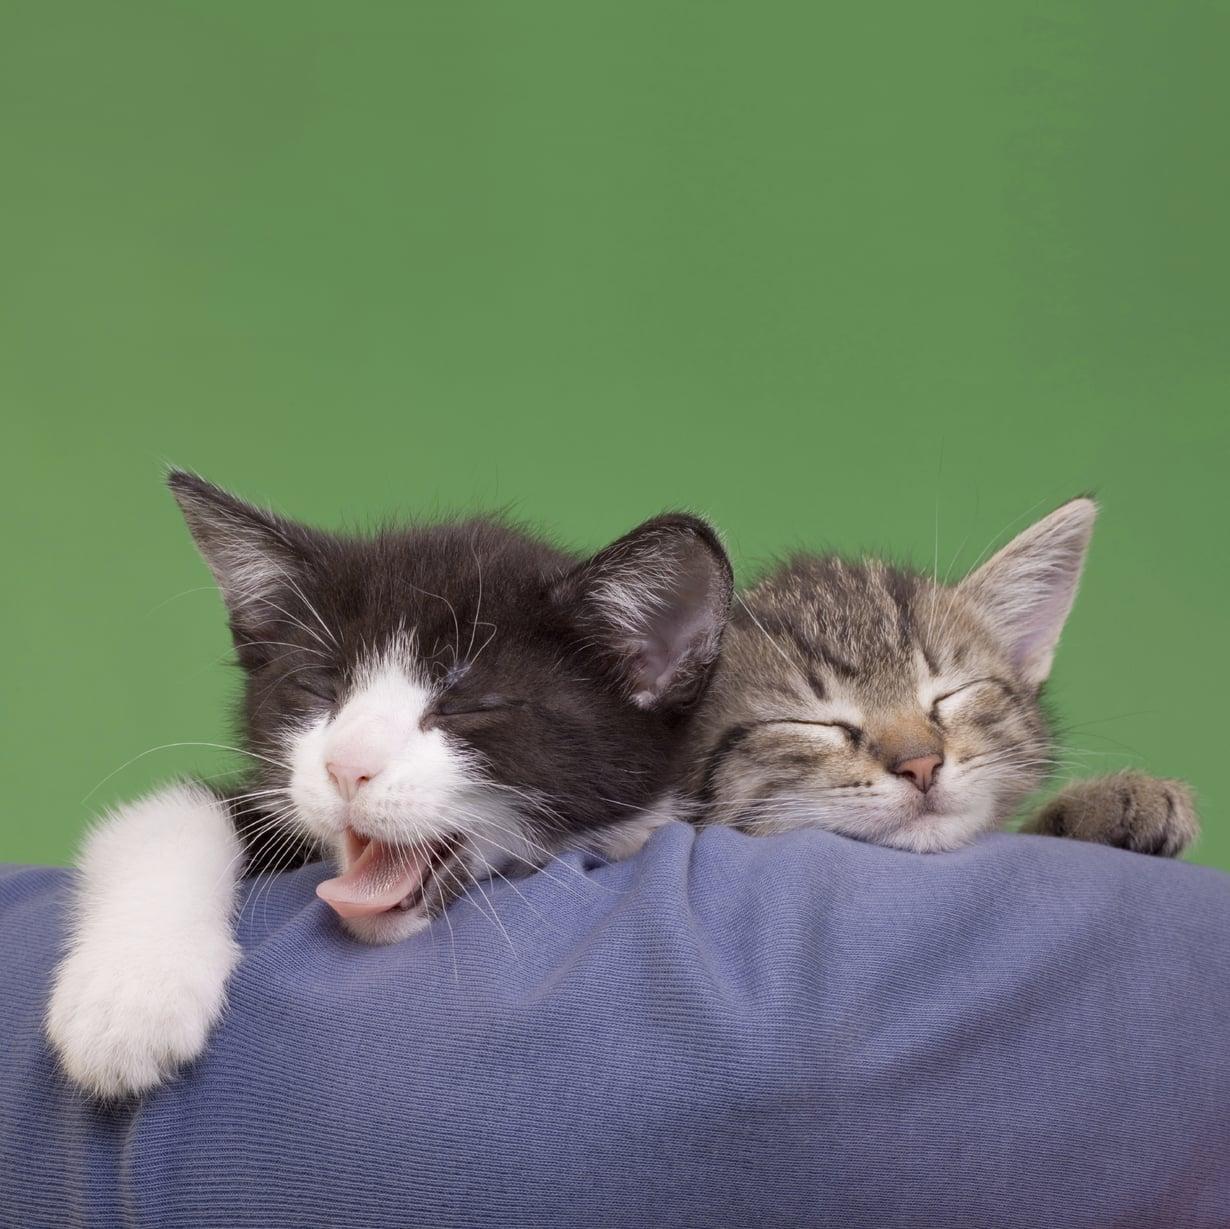 Turha tuntea syyllisyyttä siitä, jos nukuttaa!